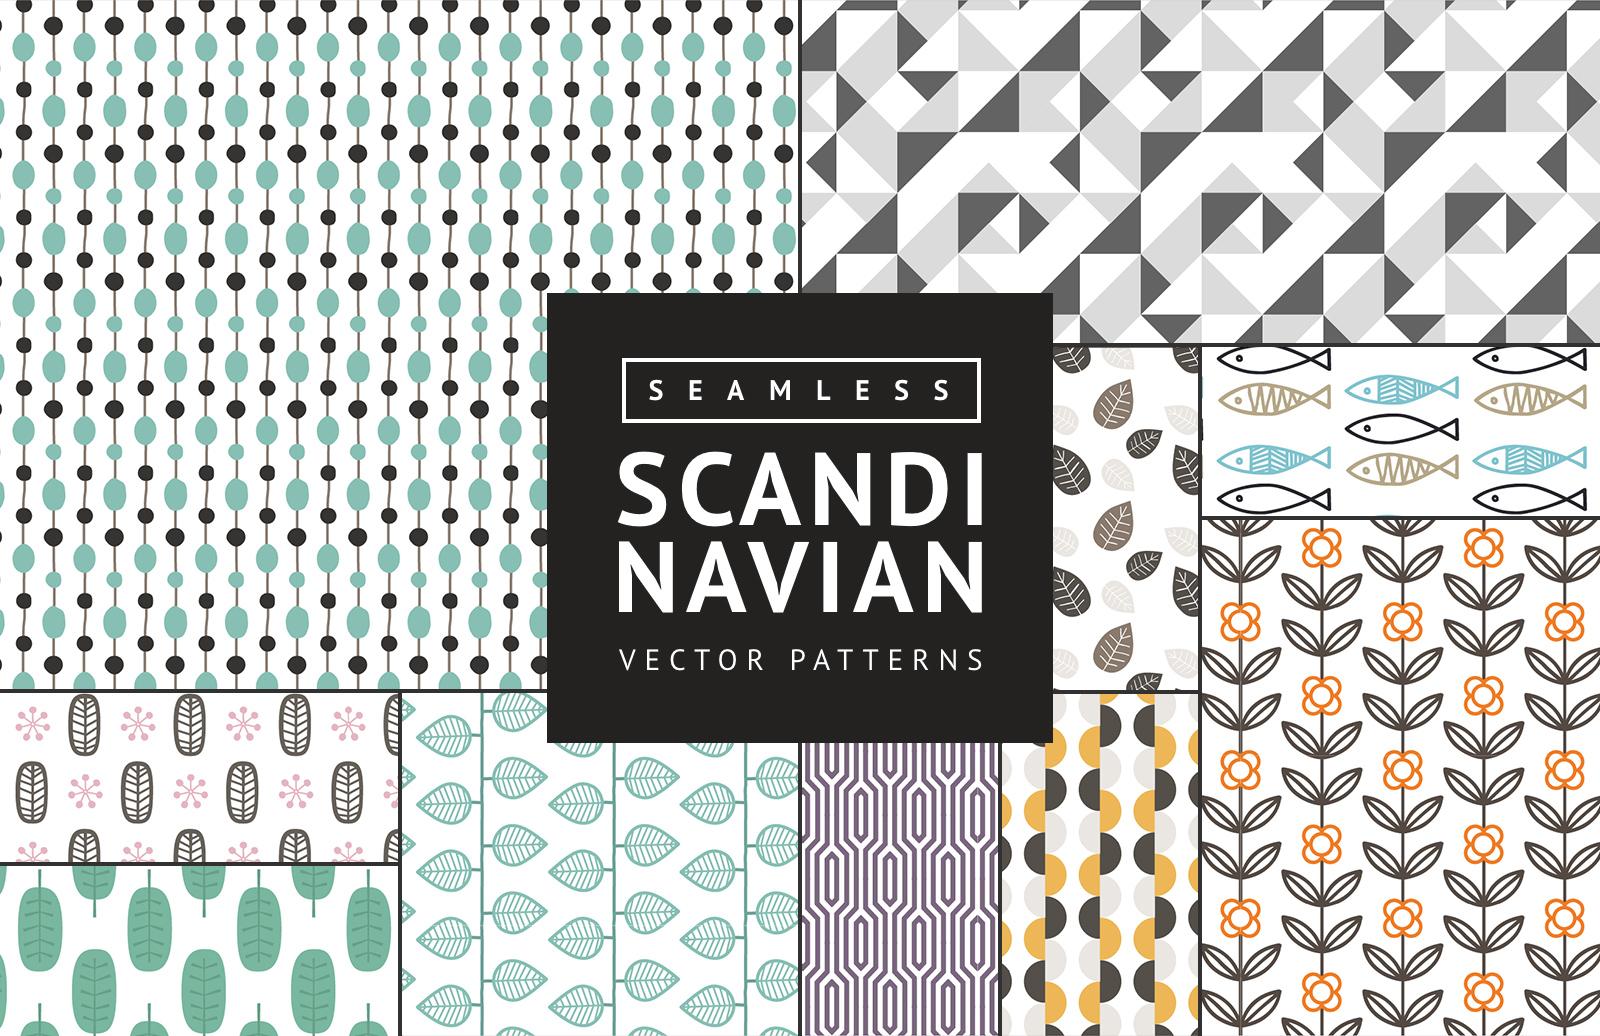 Seamless  Scandinavian  Vector  Patterns  Preview 1A